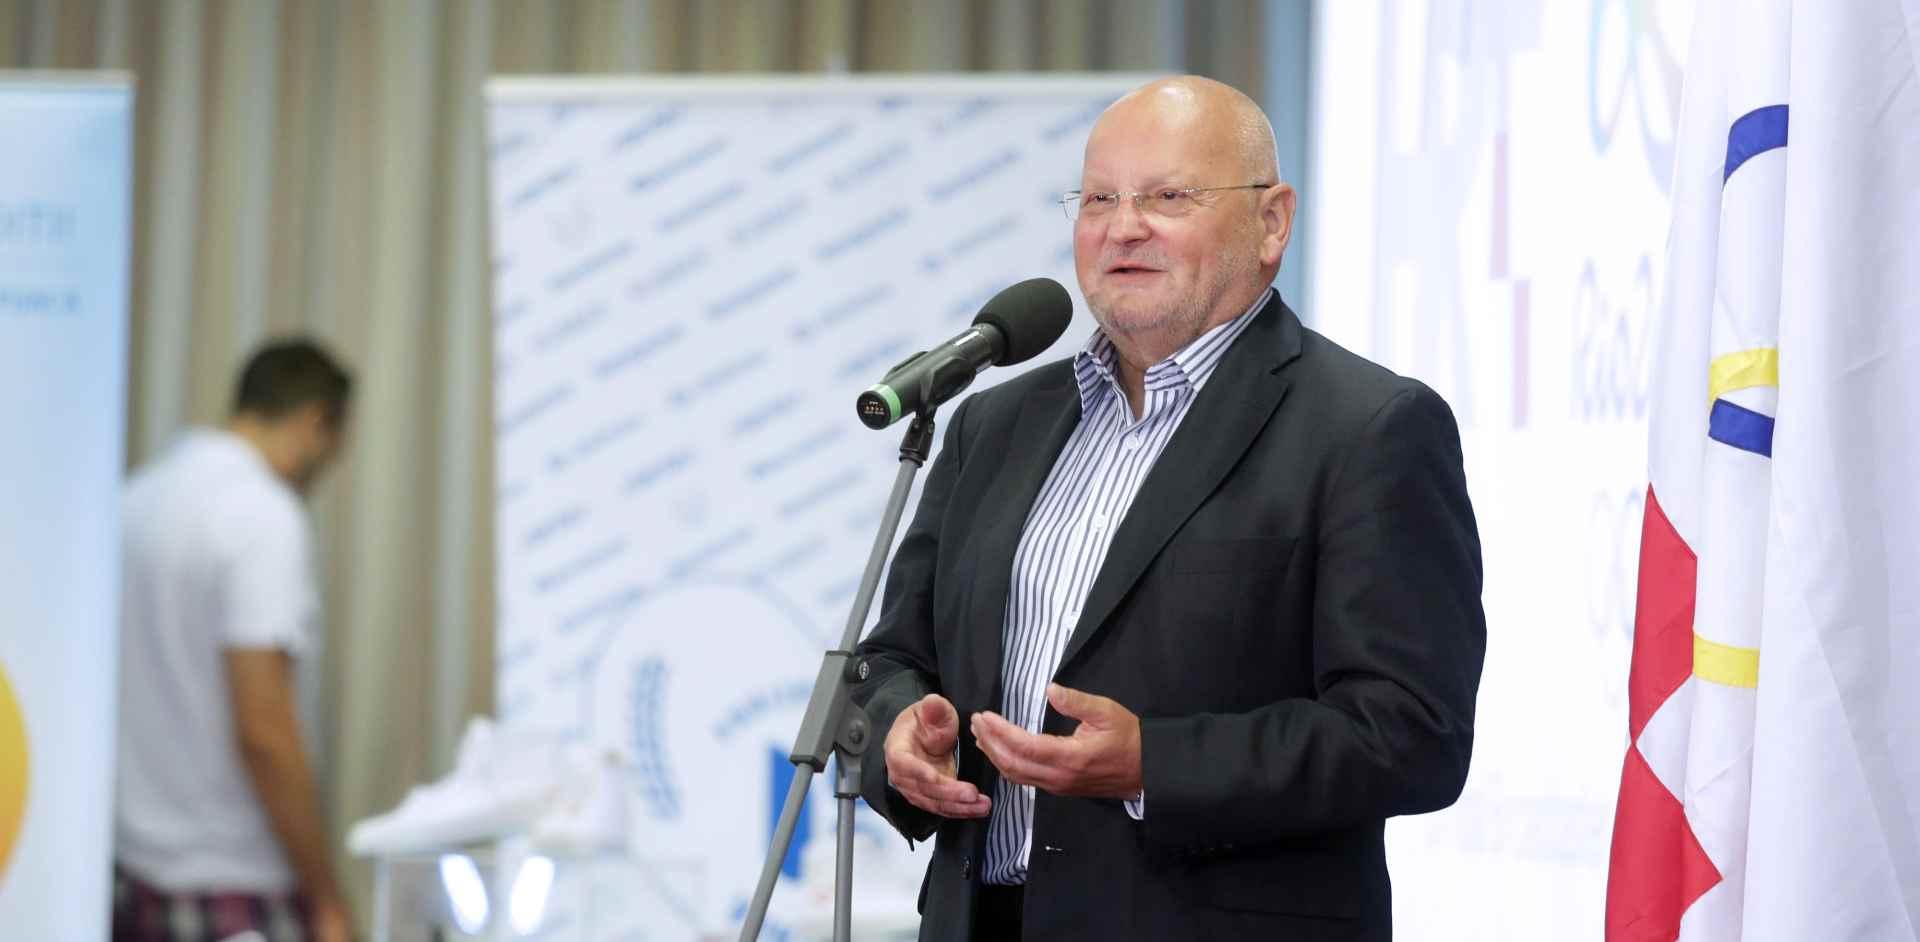 Mateša predsjednik HOO-a do 2020. godine